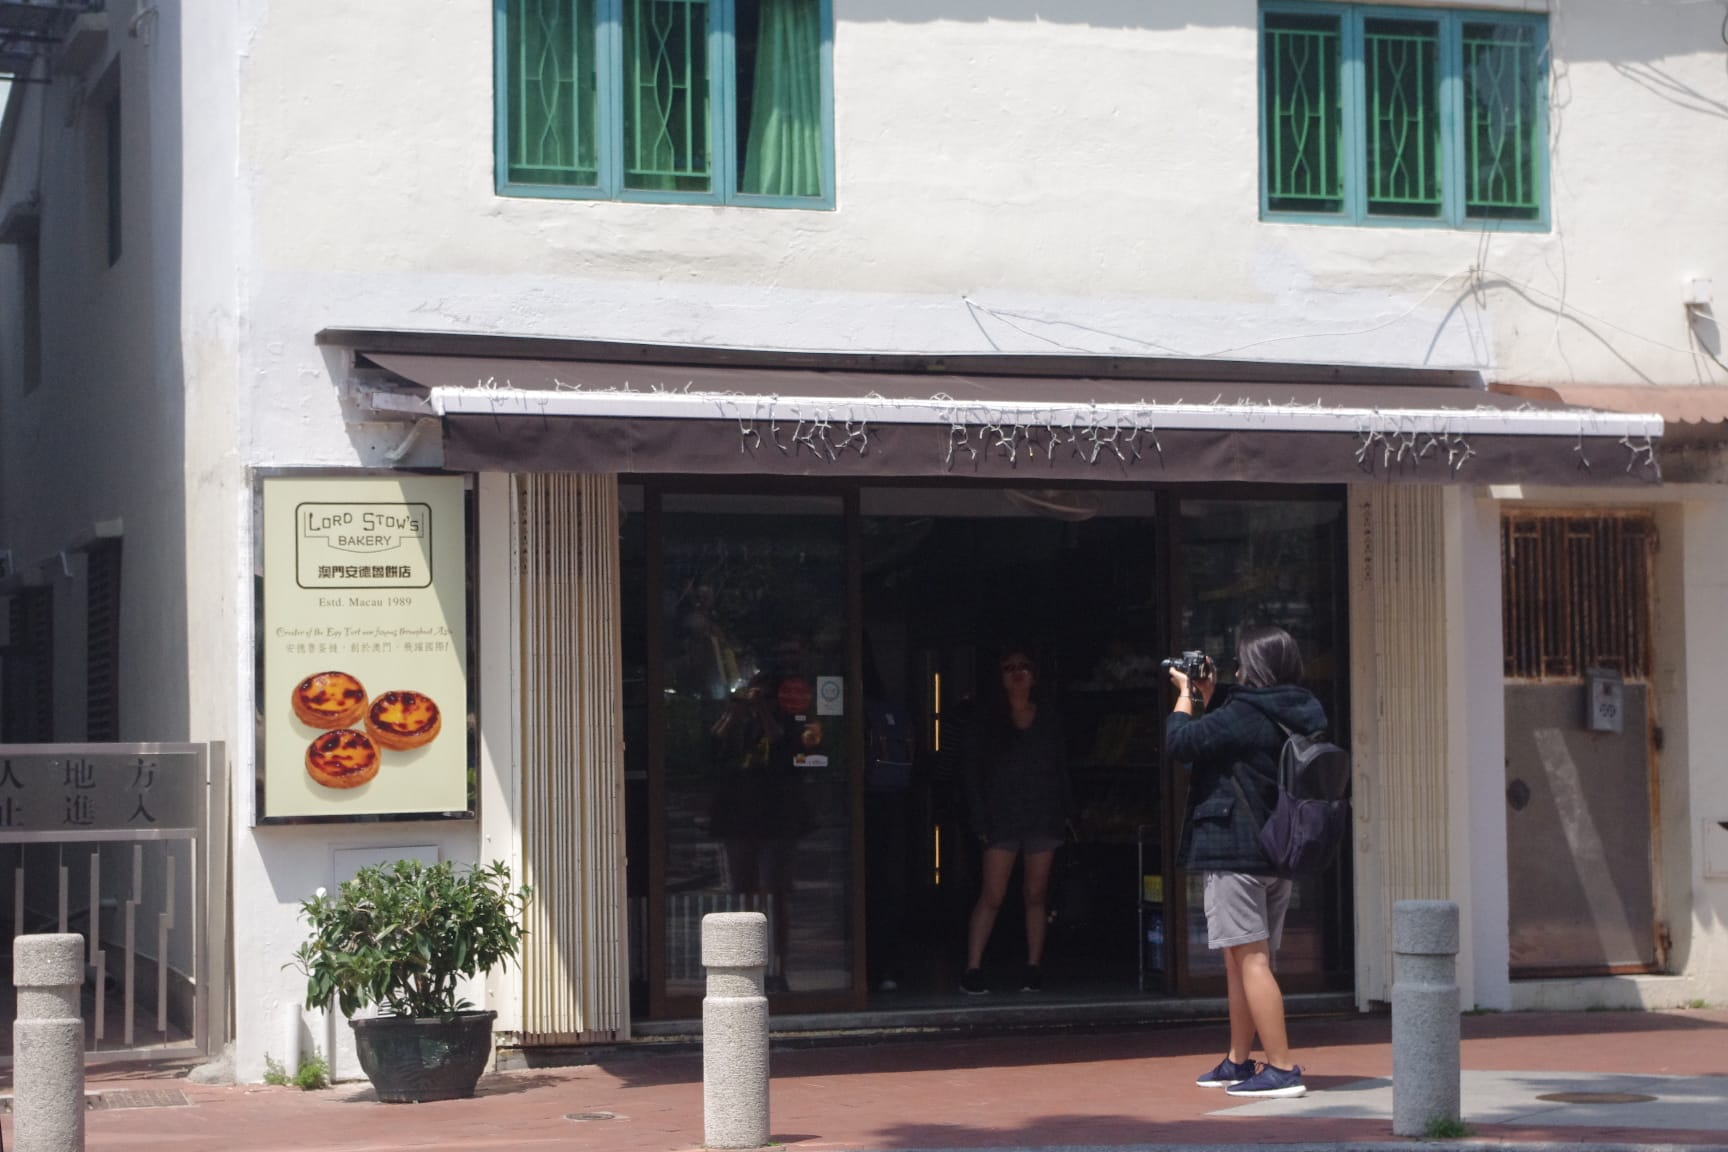 ロードストウズベーカリー: 有名なエッグタルトのお店(マカオ・コロアンビレッジ)